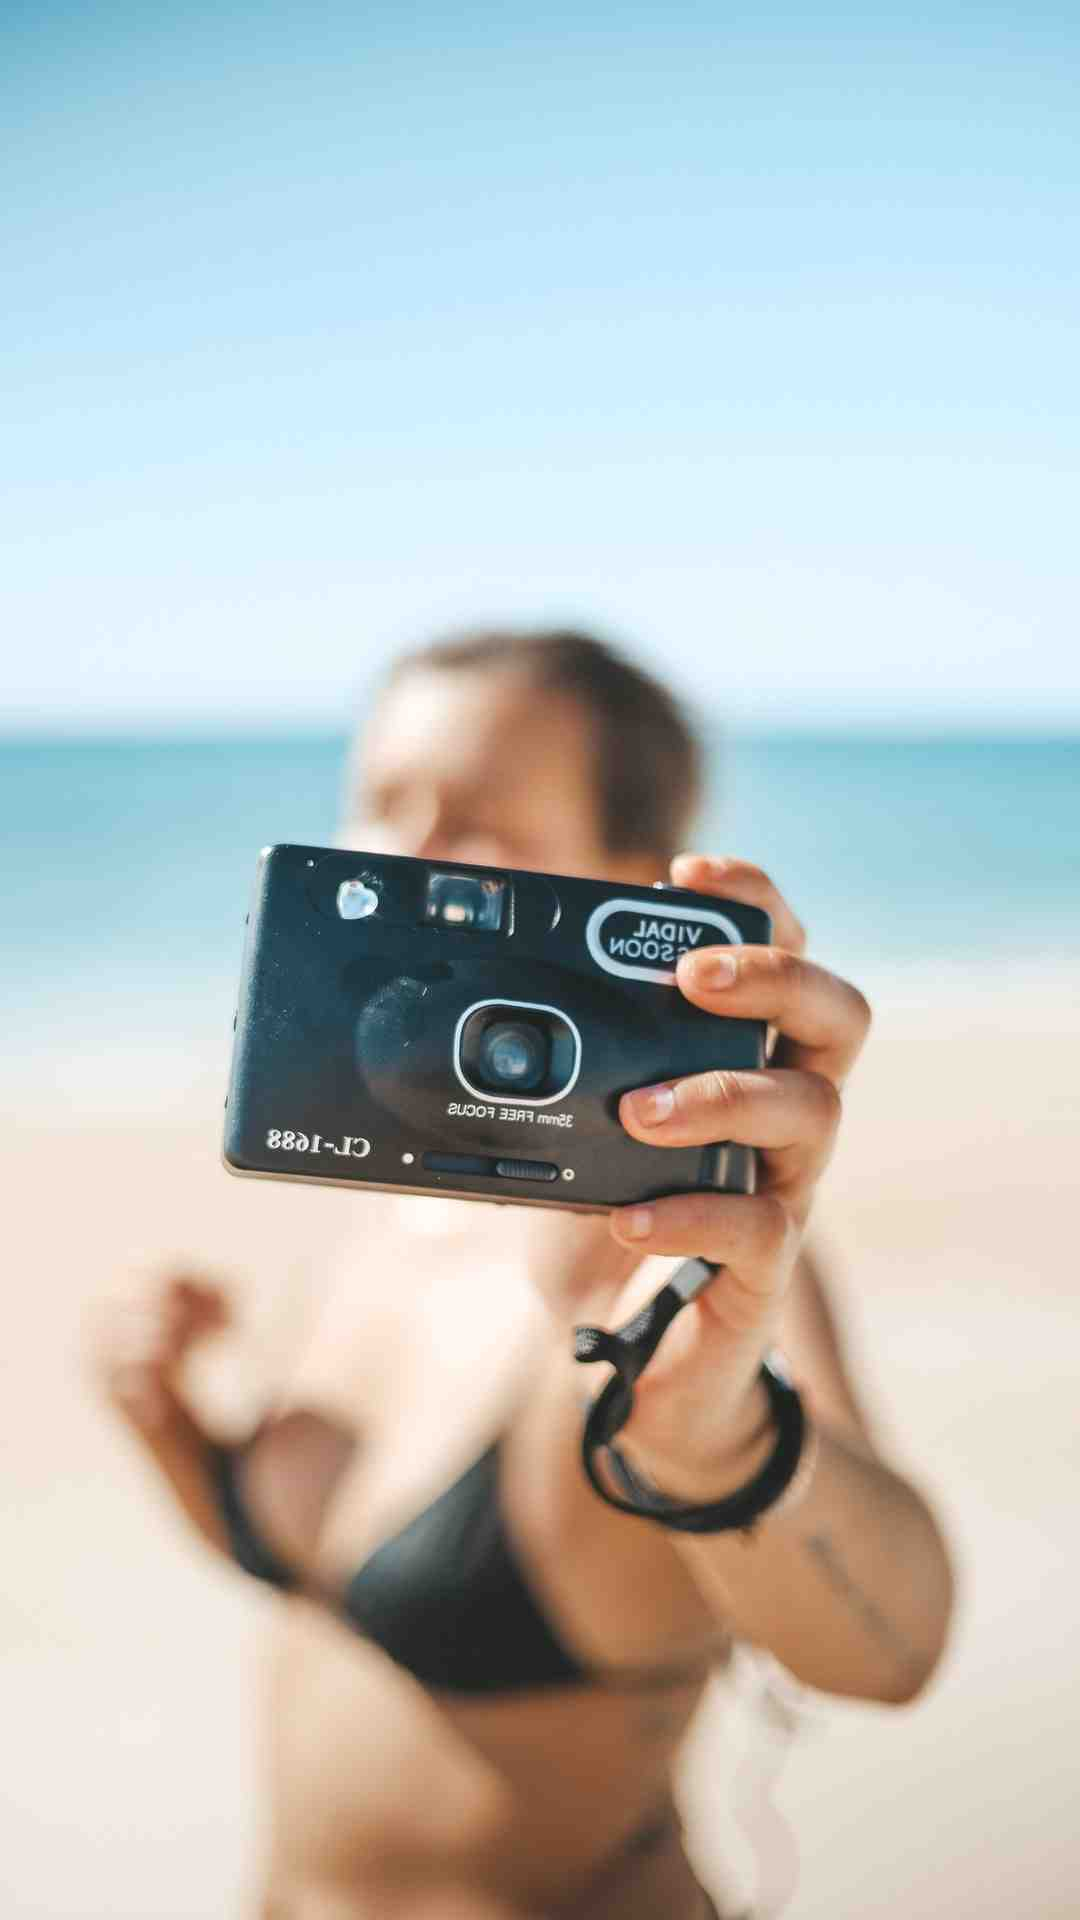 Comment mettre le retardateur sur un appareil photo Lumix ?